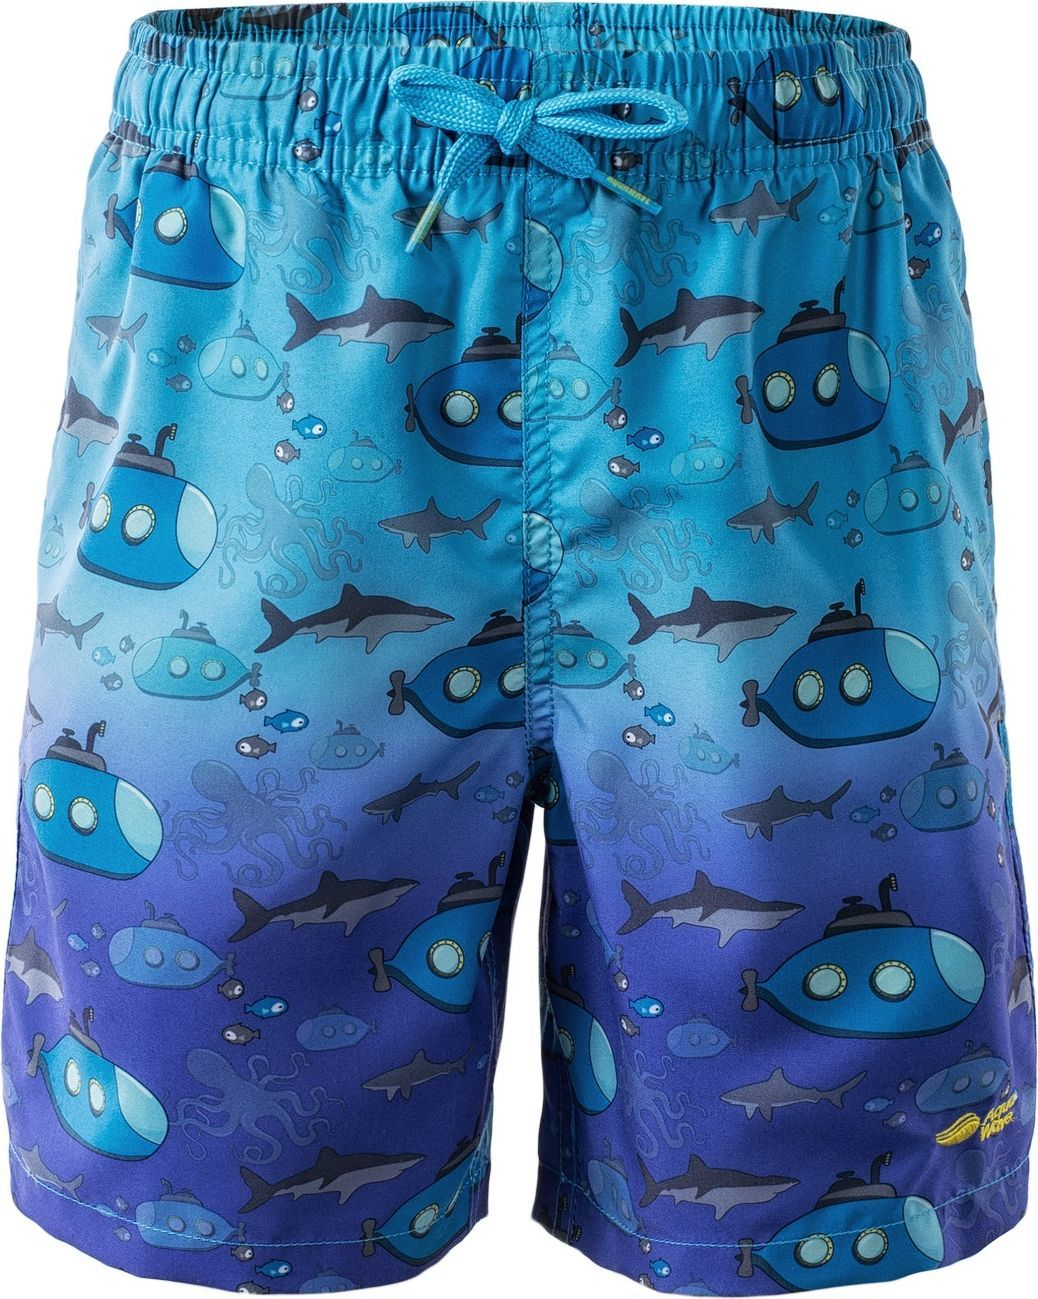 AquaWave Szorty dziecięce Submarine Kids Shorts niebieskie r. 122 1